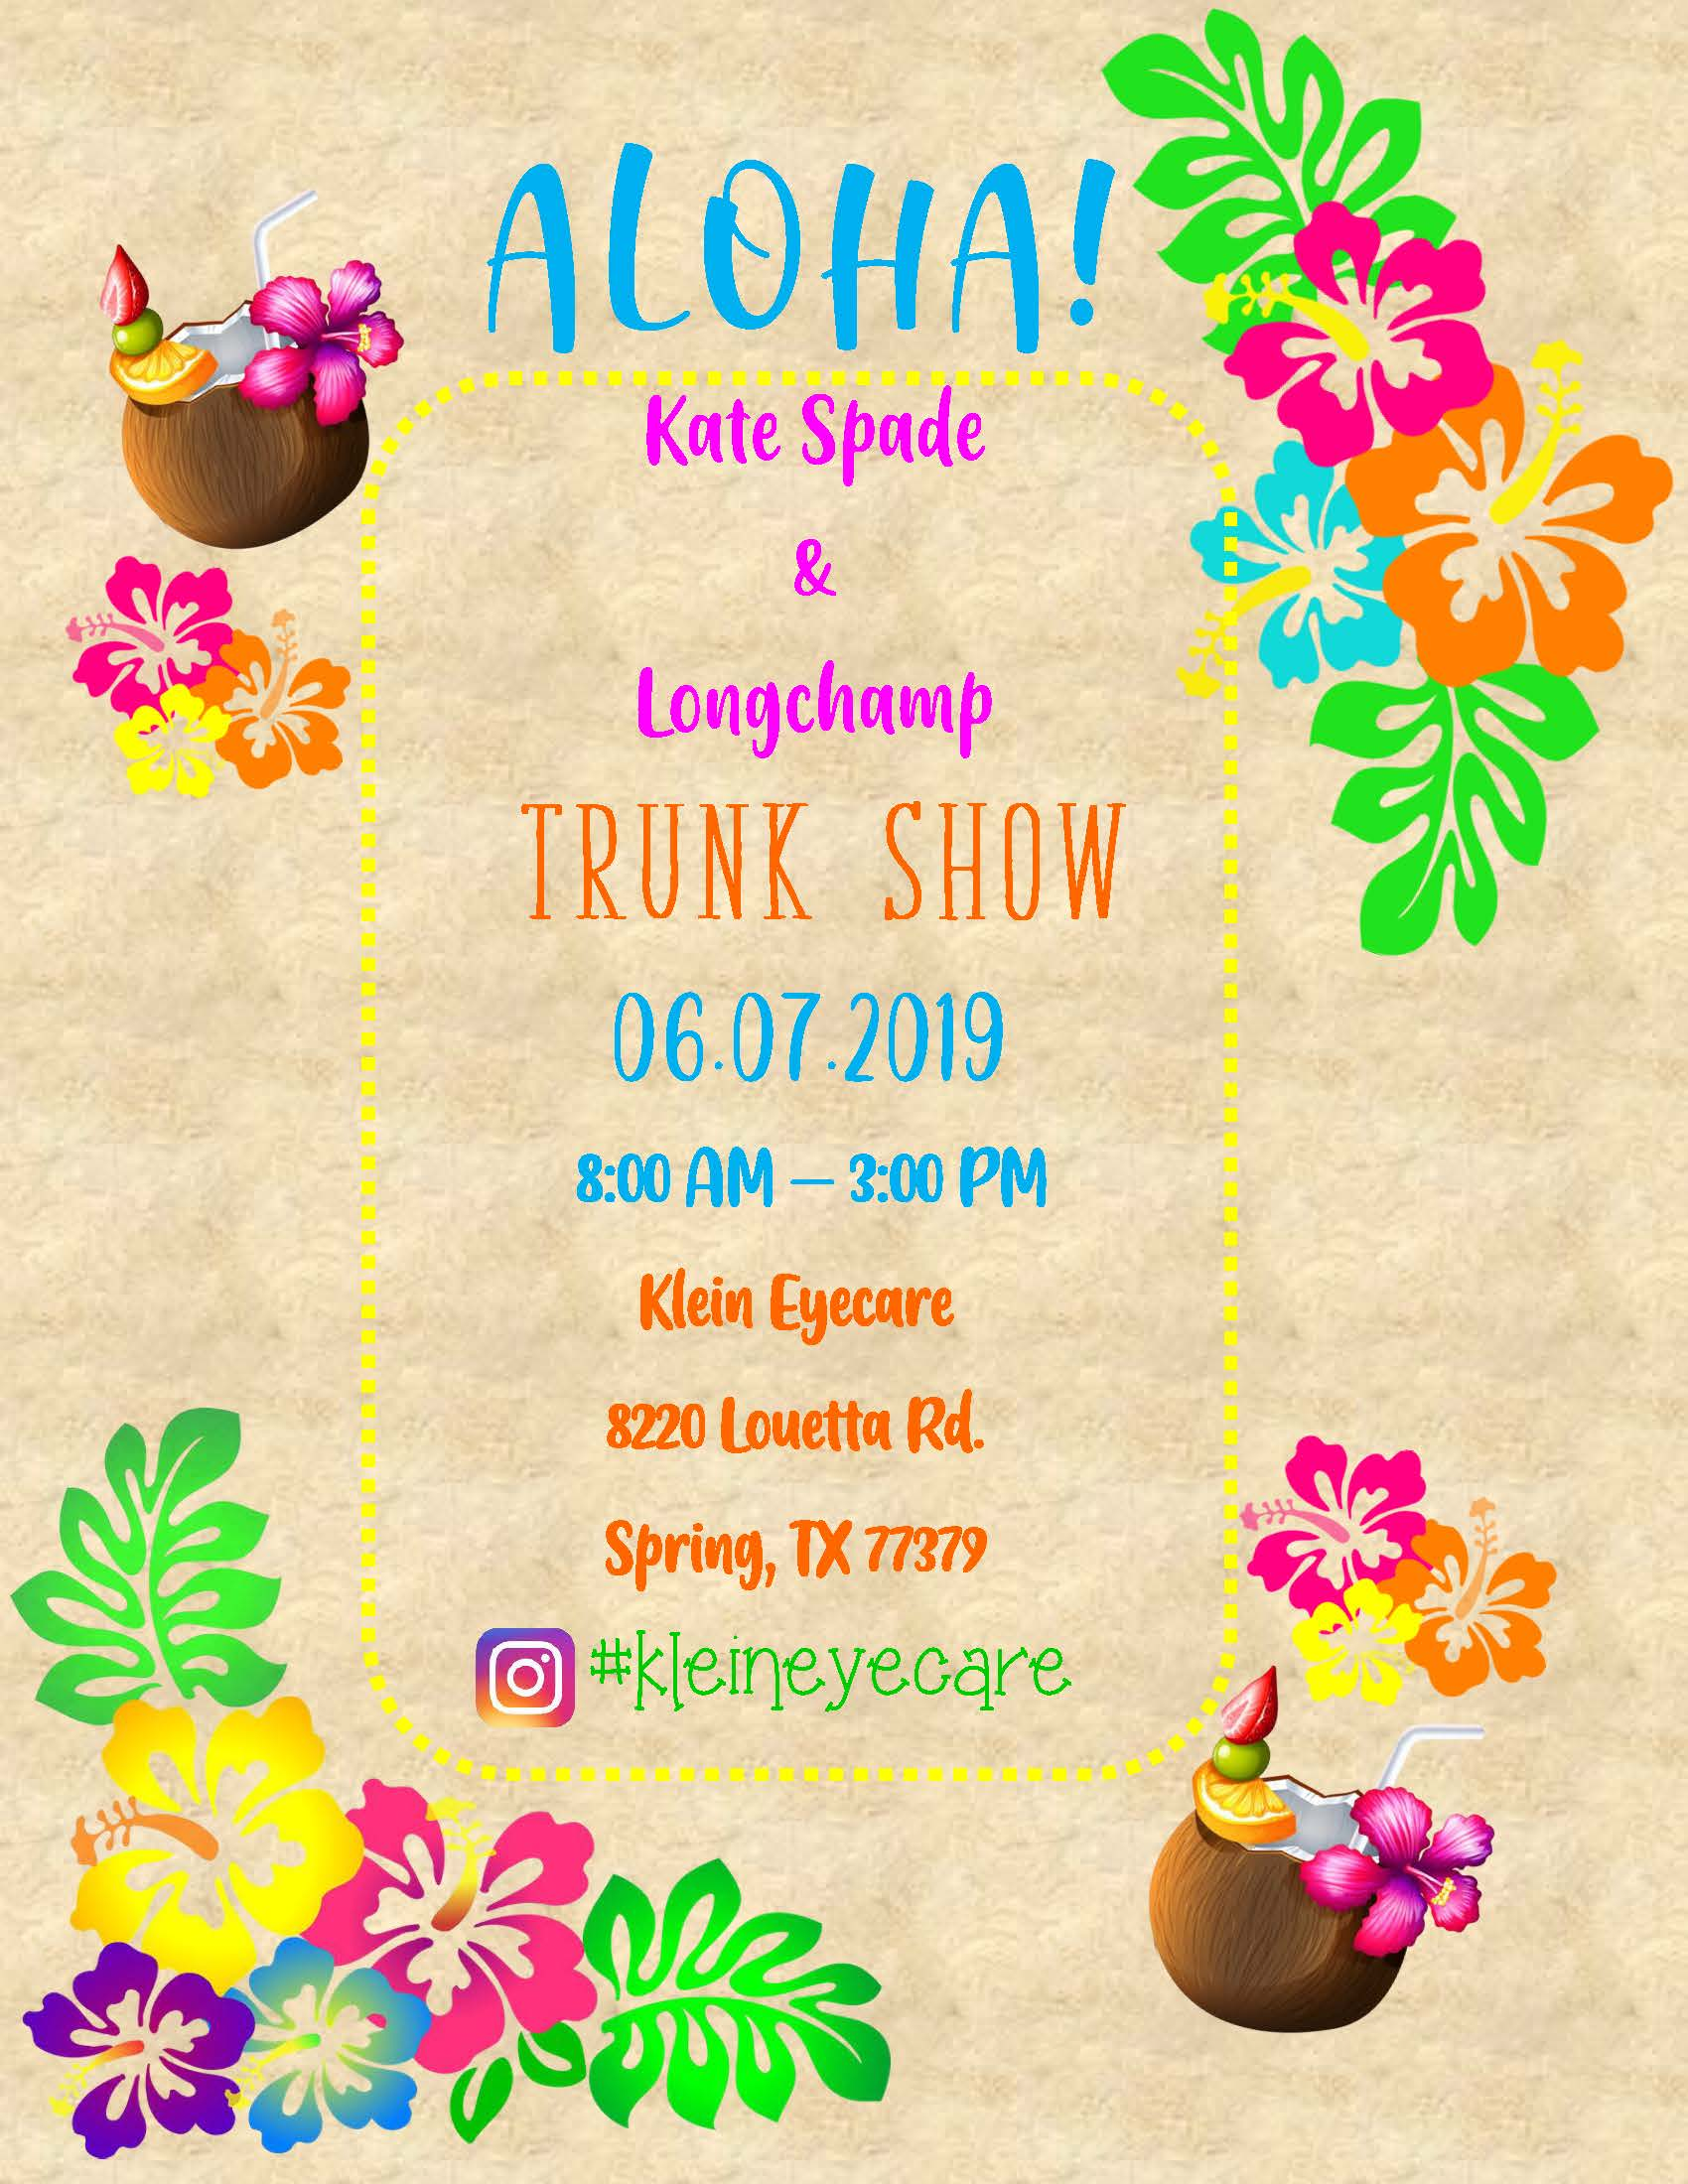 Aloha Trunk Show Flyer 2019